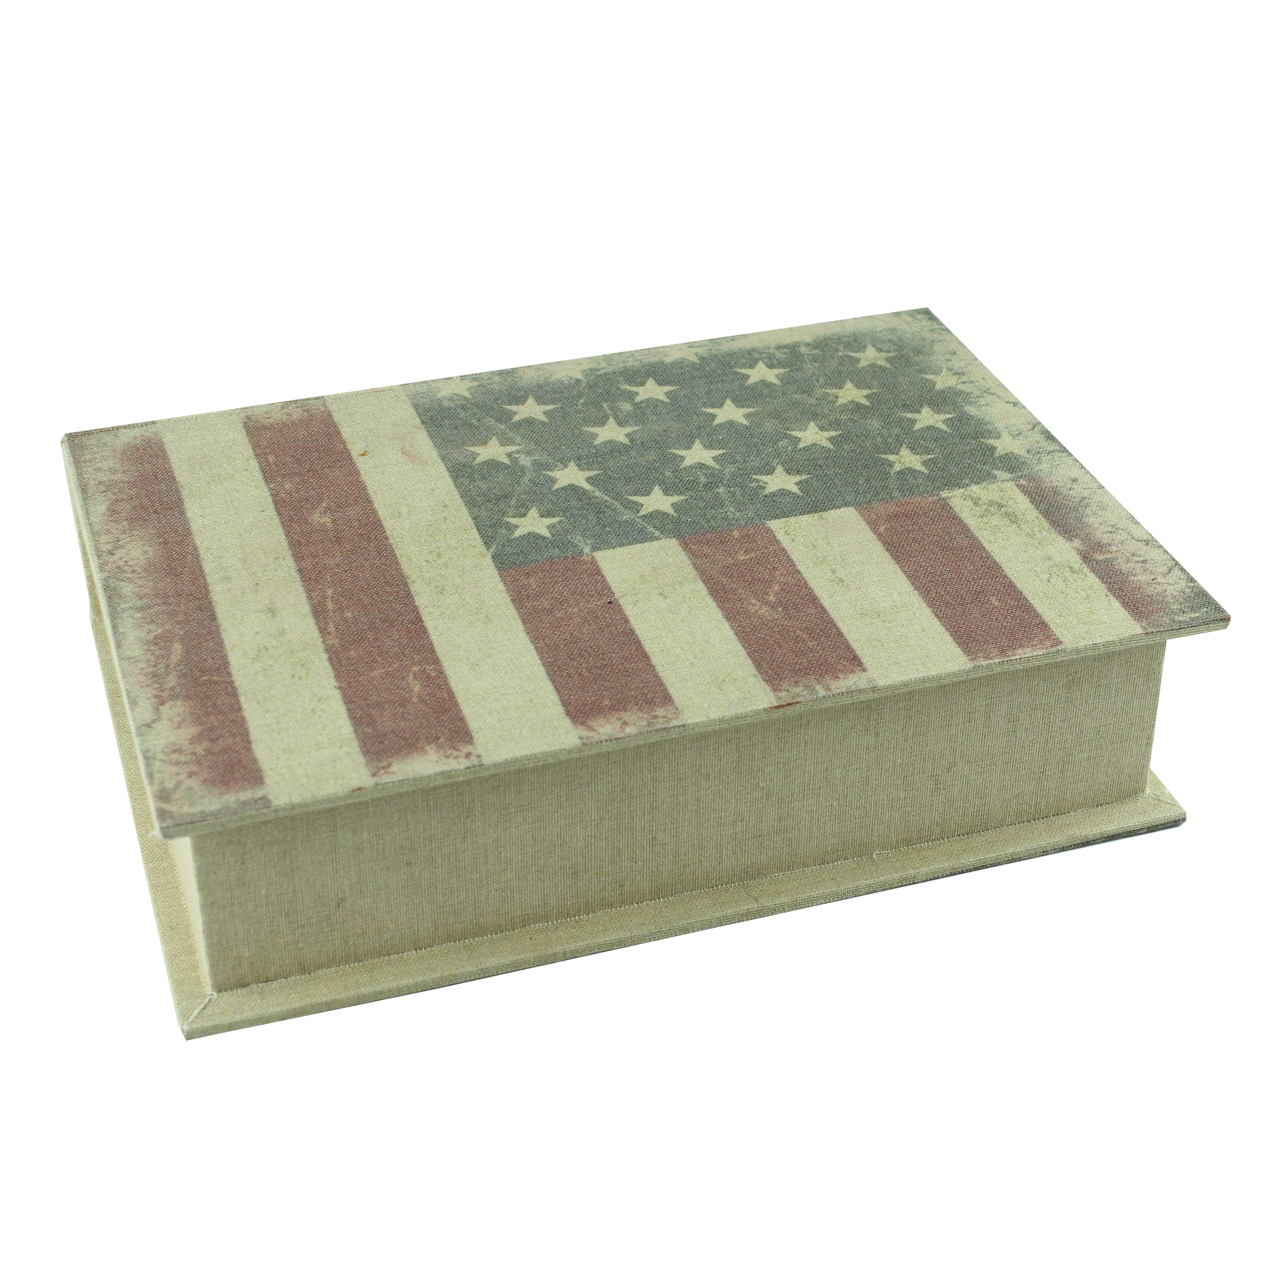 Cutie Decorativa Carte Cu Steag Usa Din Lemn 19 Cm